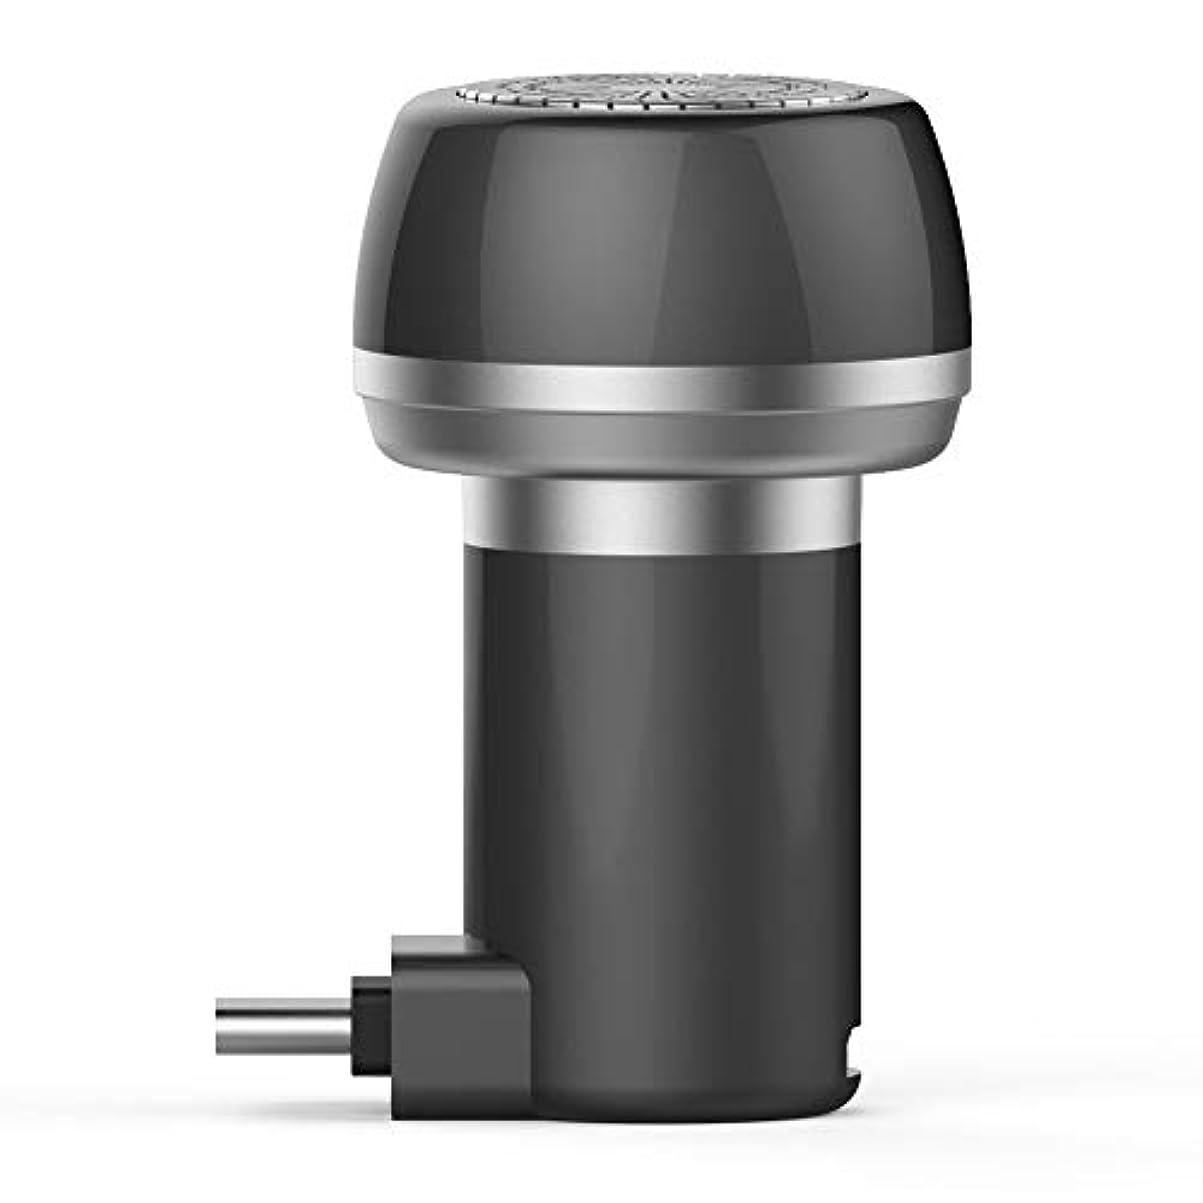 脚本家ブランド名デザイナーXlp  電気充電式シェーバー、2に付き1磁気電気シェーバーミニポータブルType-C USB防水耐久性剃刀